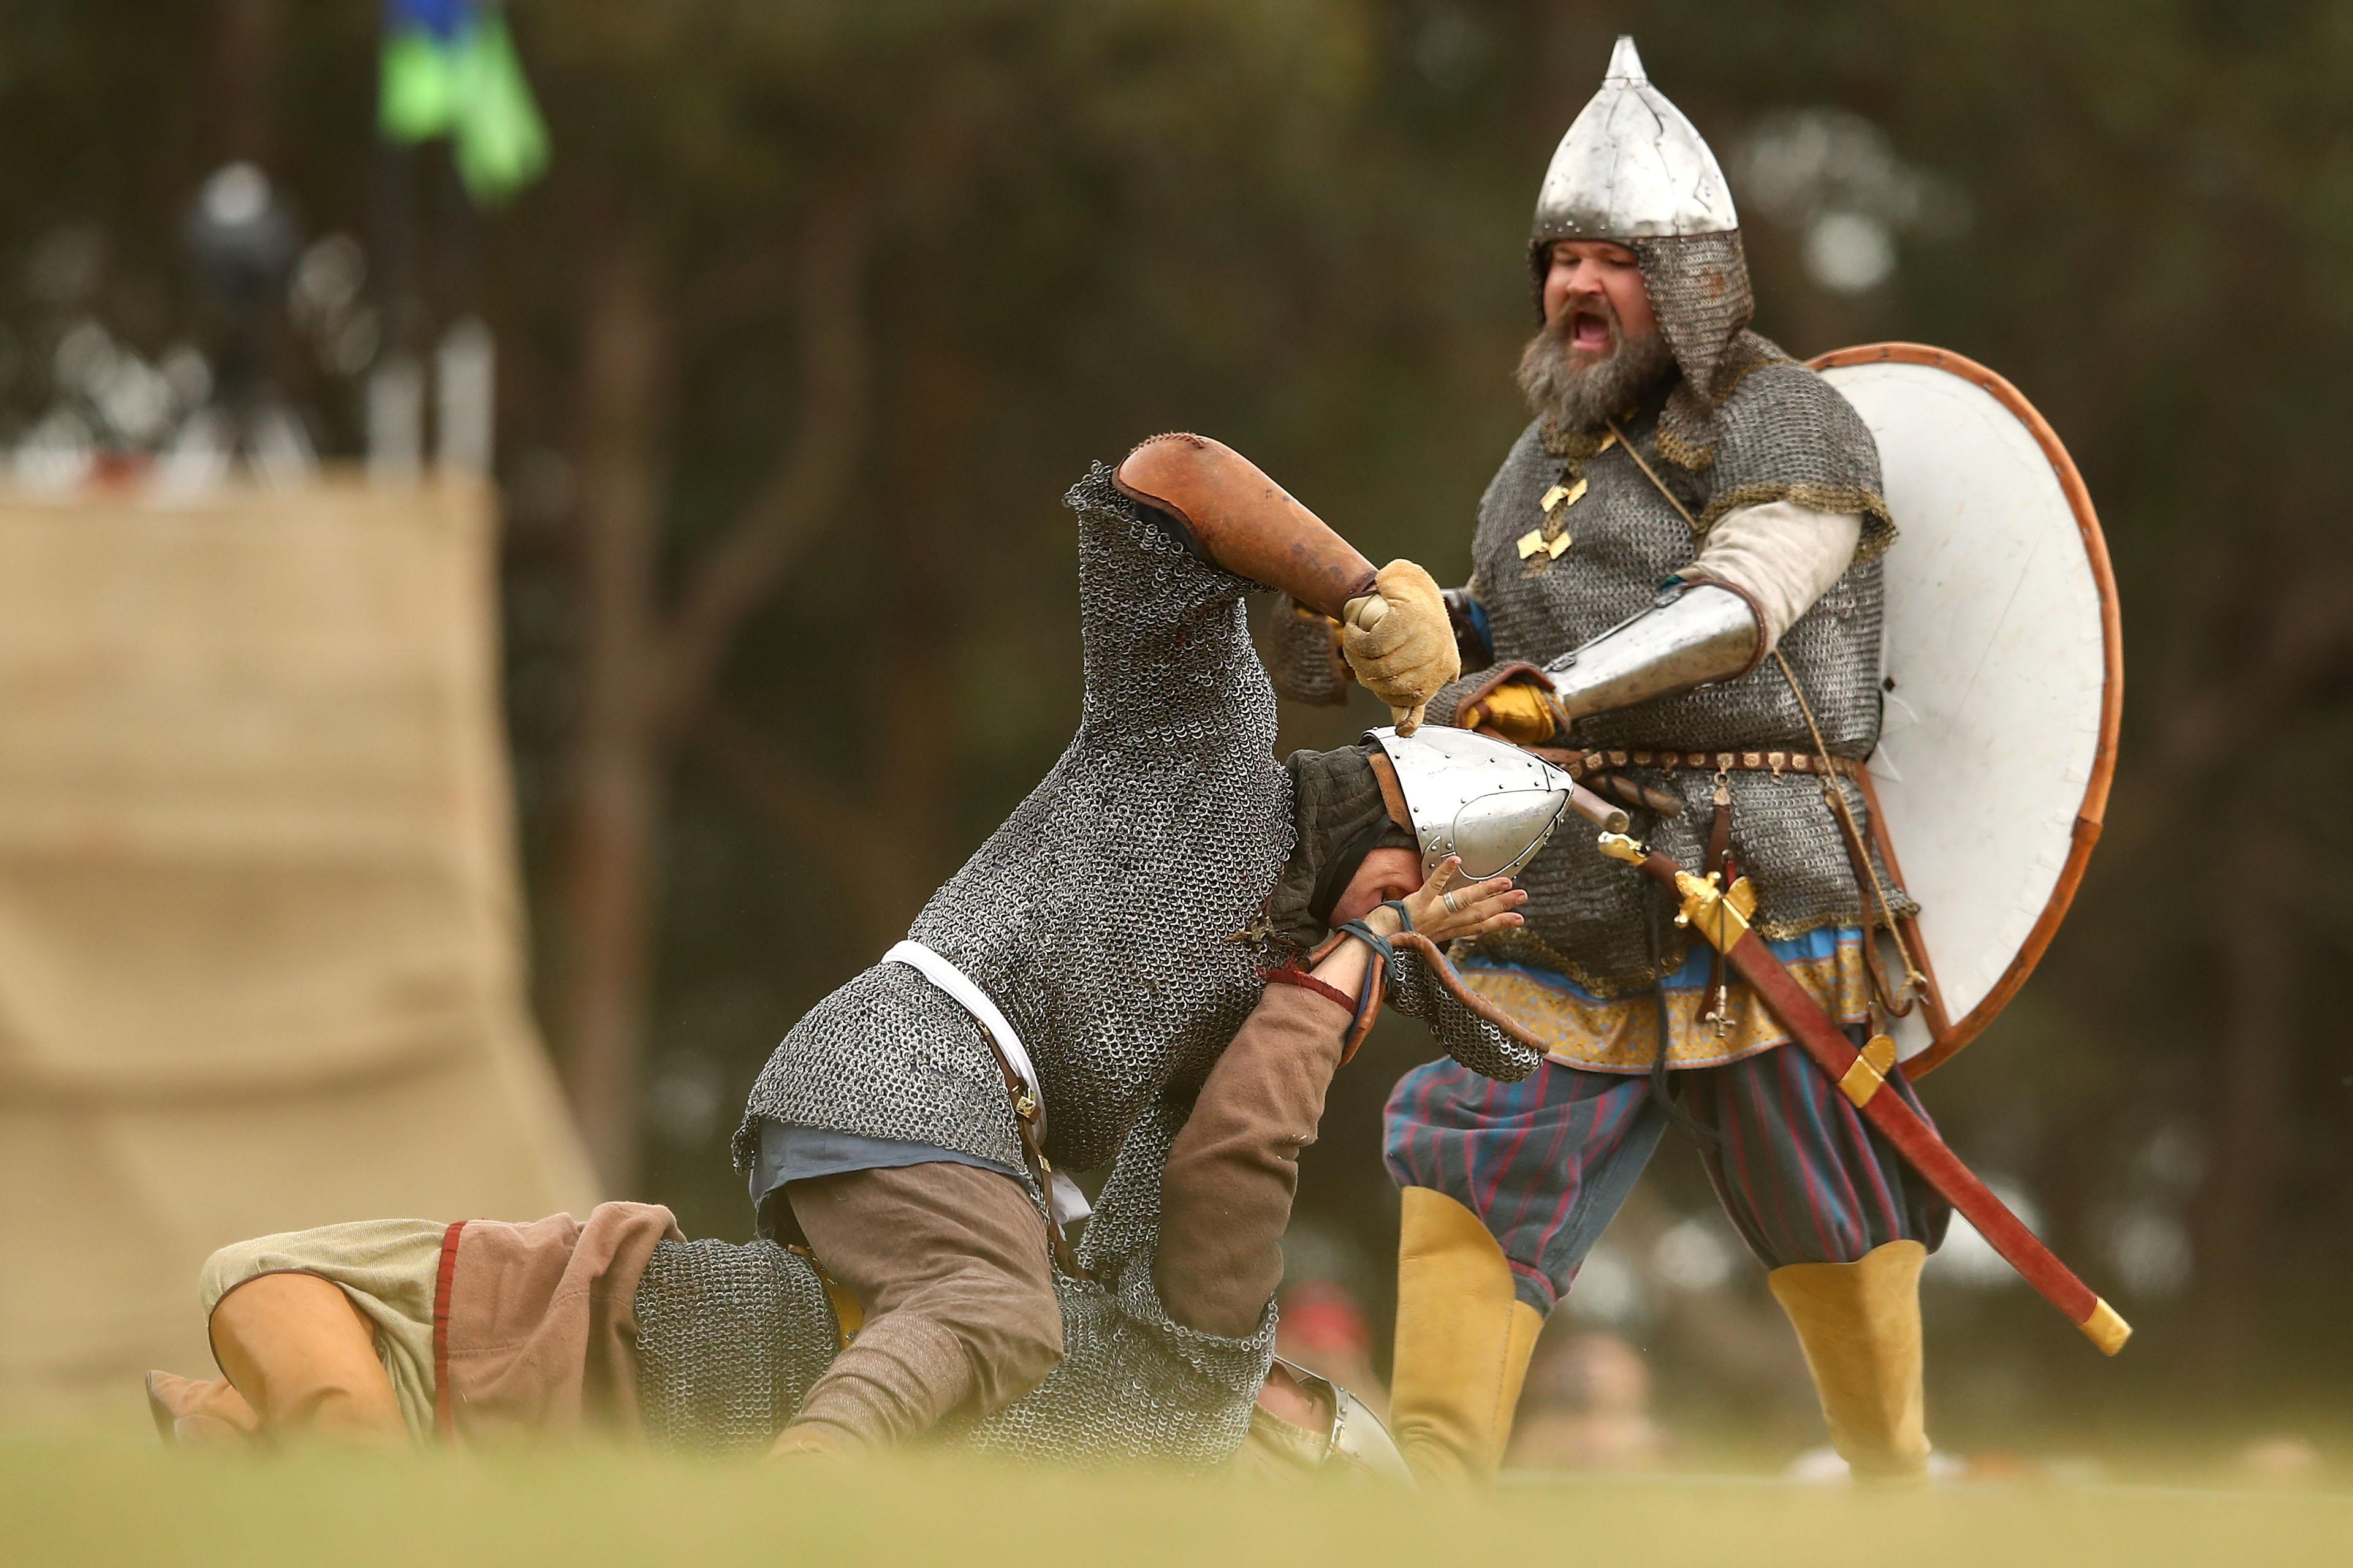 За много любители на контактните спортове да наблюдават как двама мъже се бият, докато един не победи, е наслада, а възможността да наблюдават двама мъже, които се бият по почти същите правила, но с мечове и доспехи, се превръща в изключителна наслада. С едно доста важно правило – наръгването с мечове е незаконно.